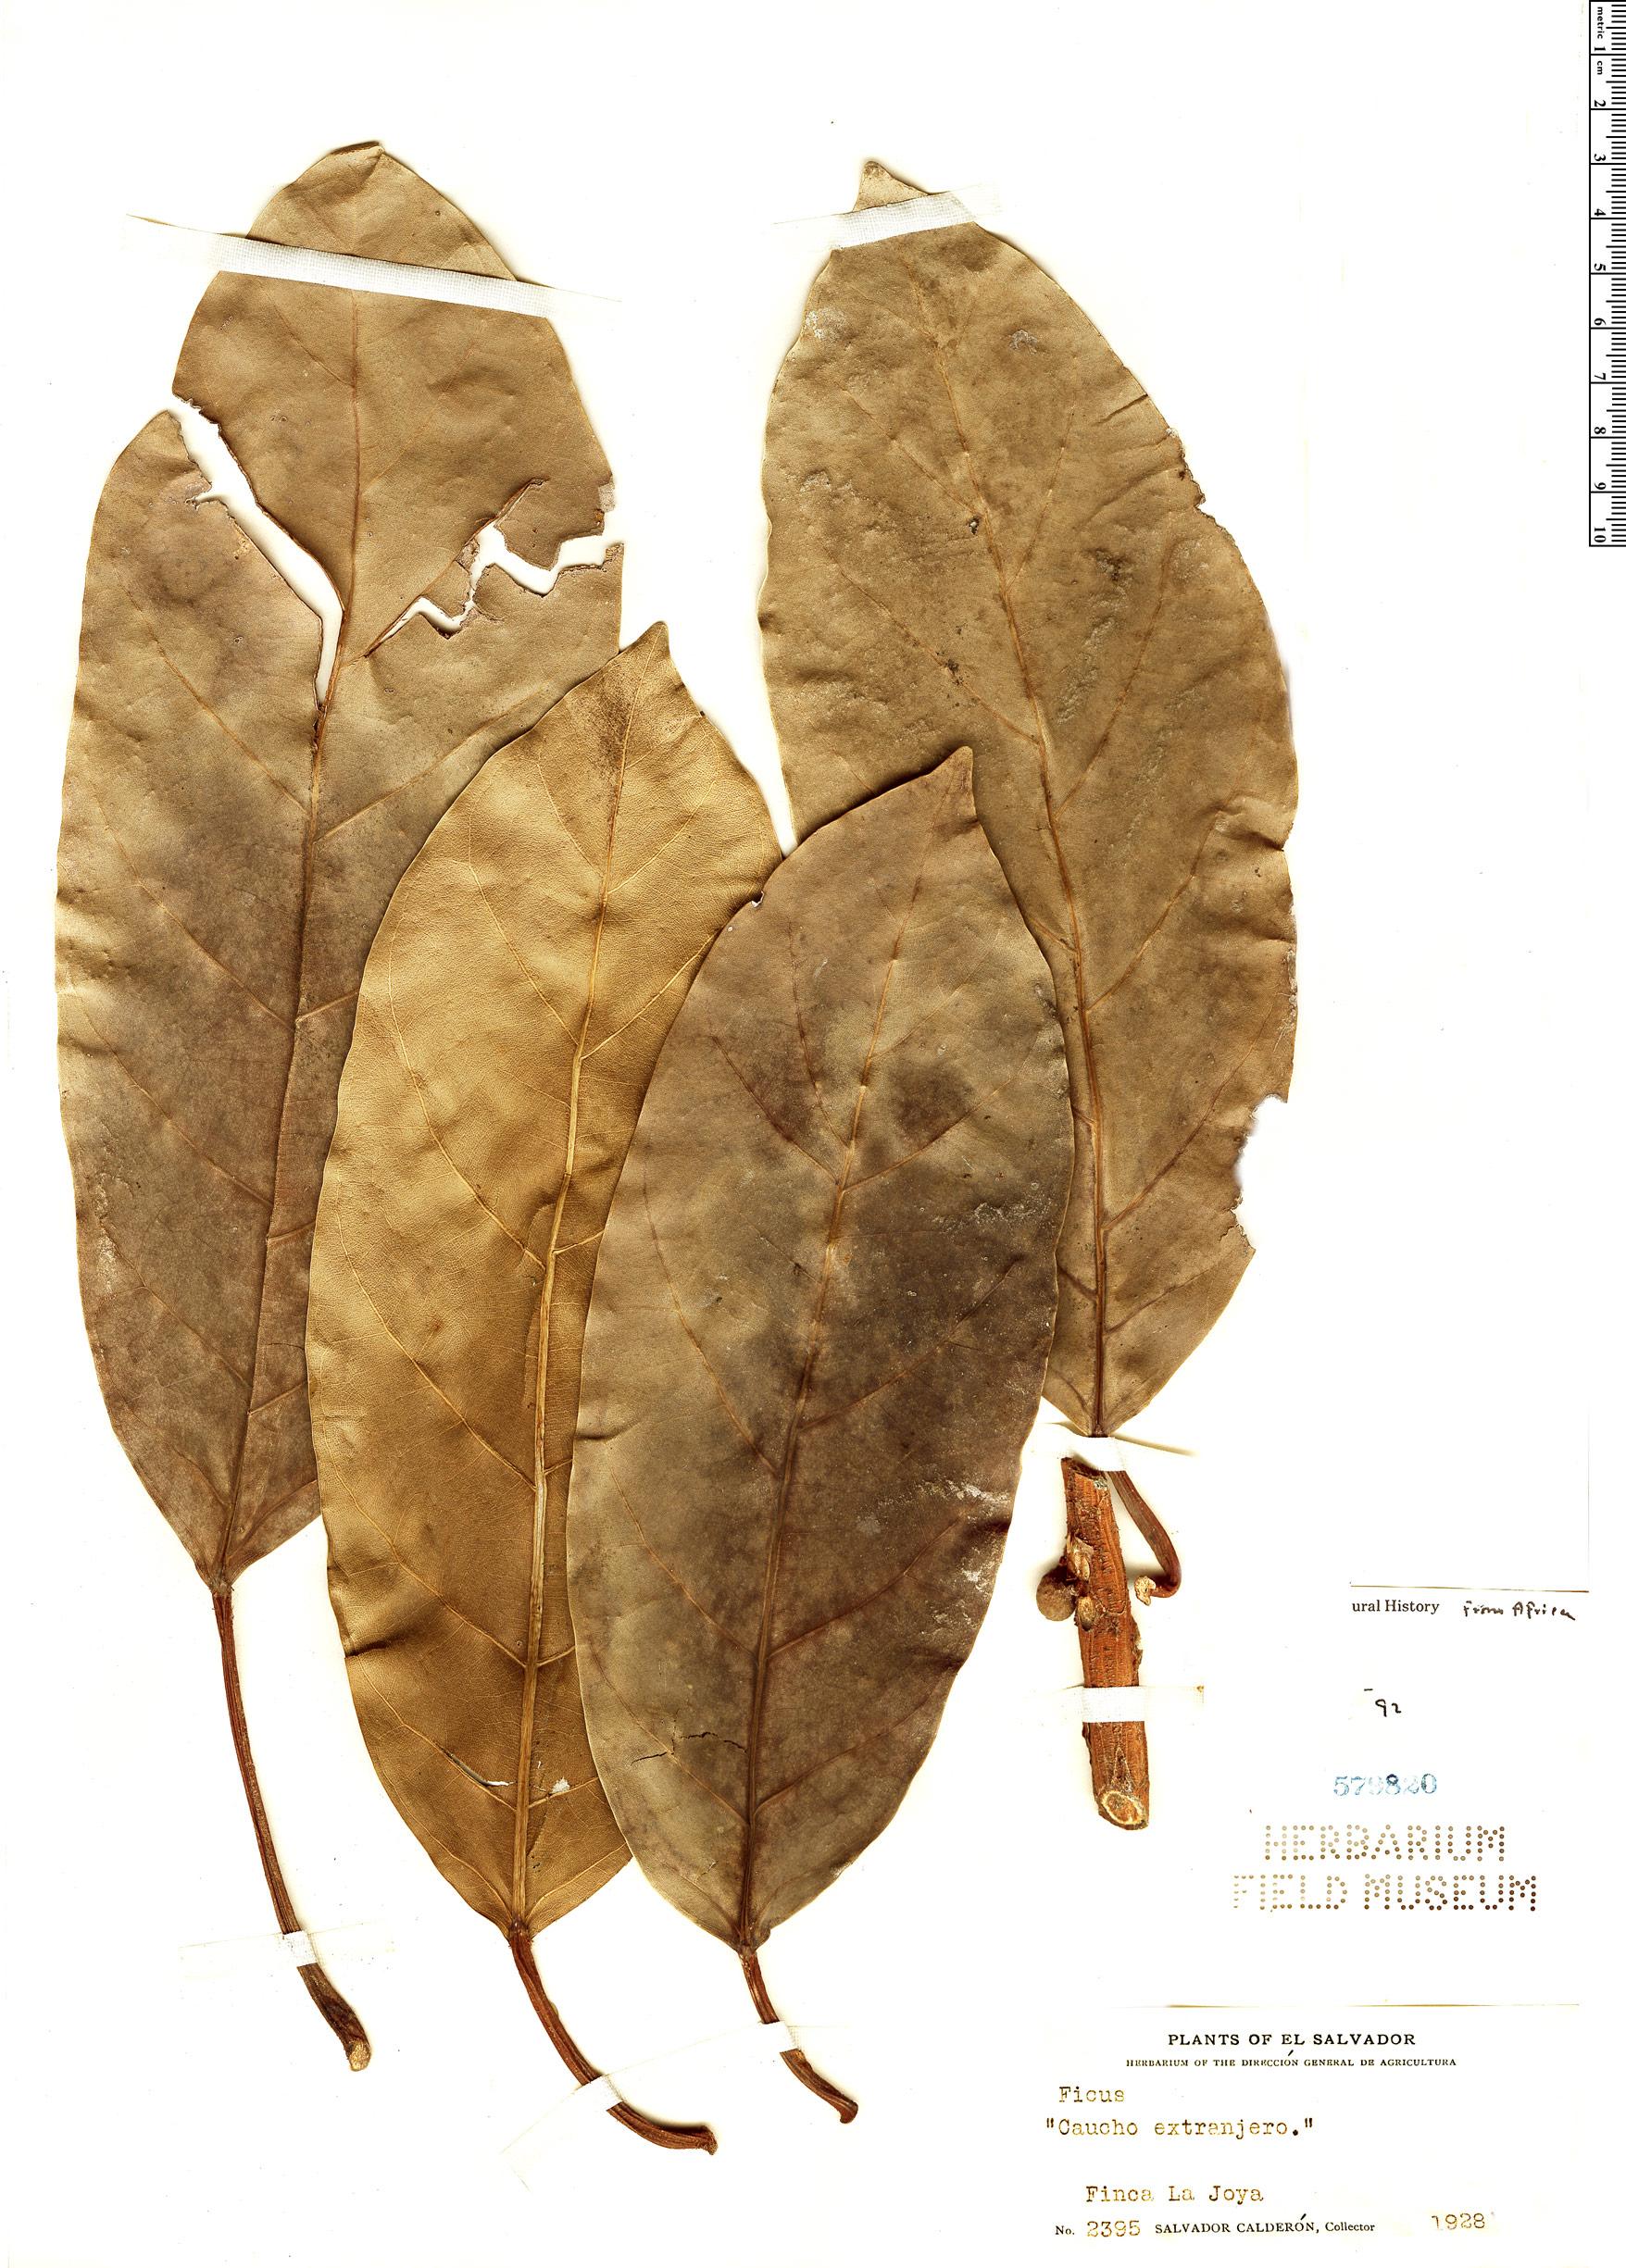 Specimen: Ficus lutea